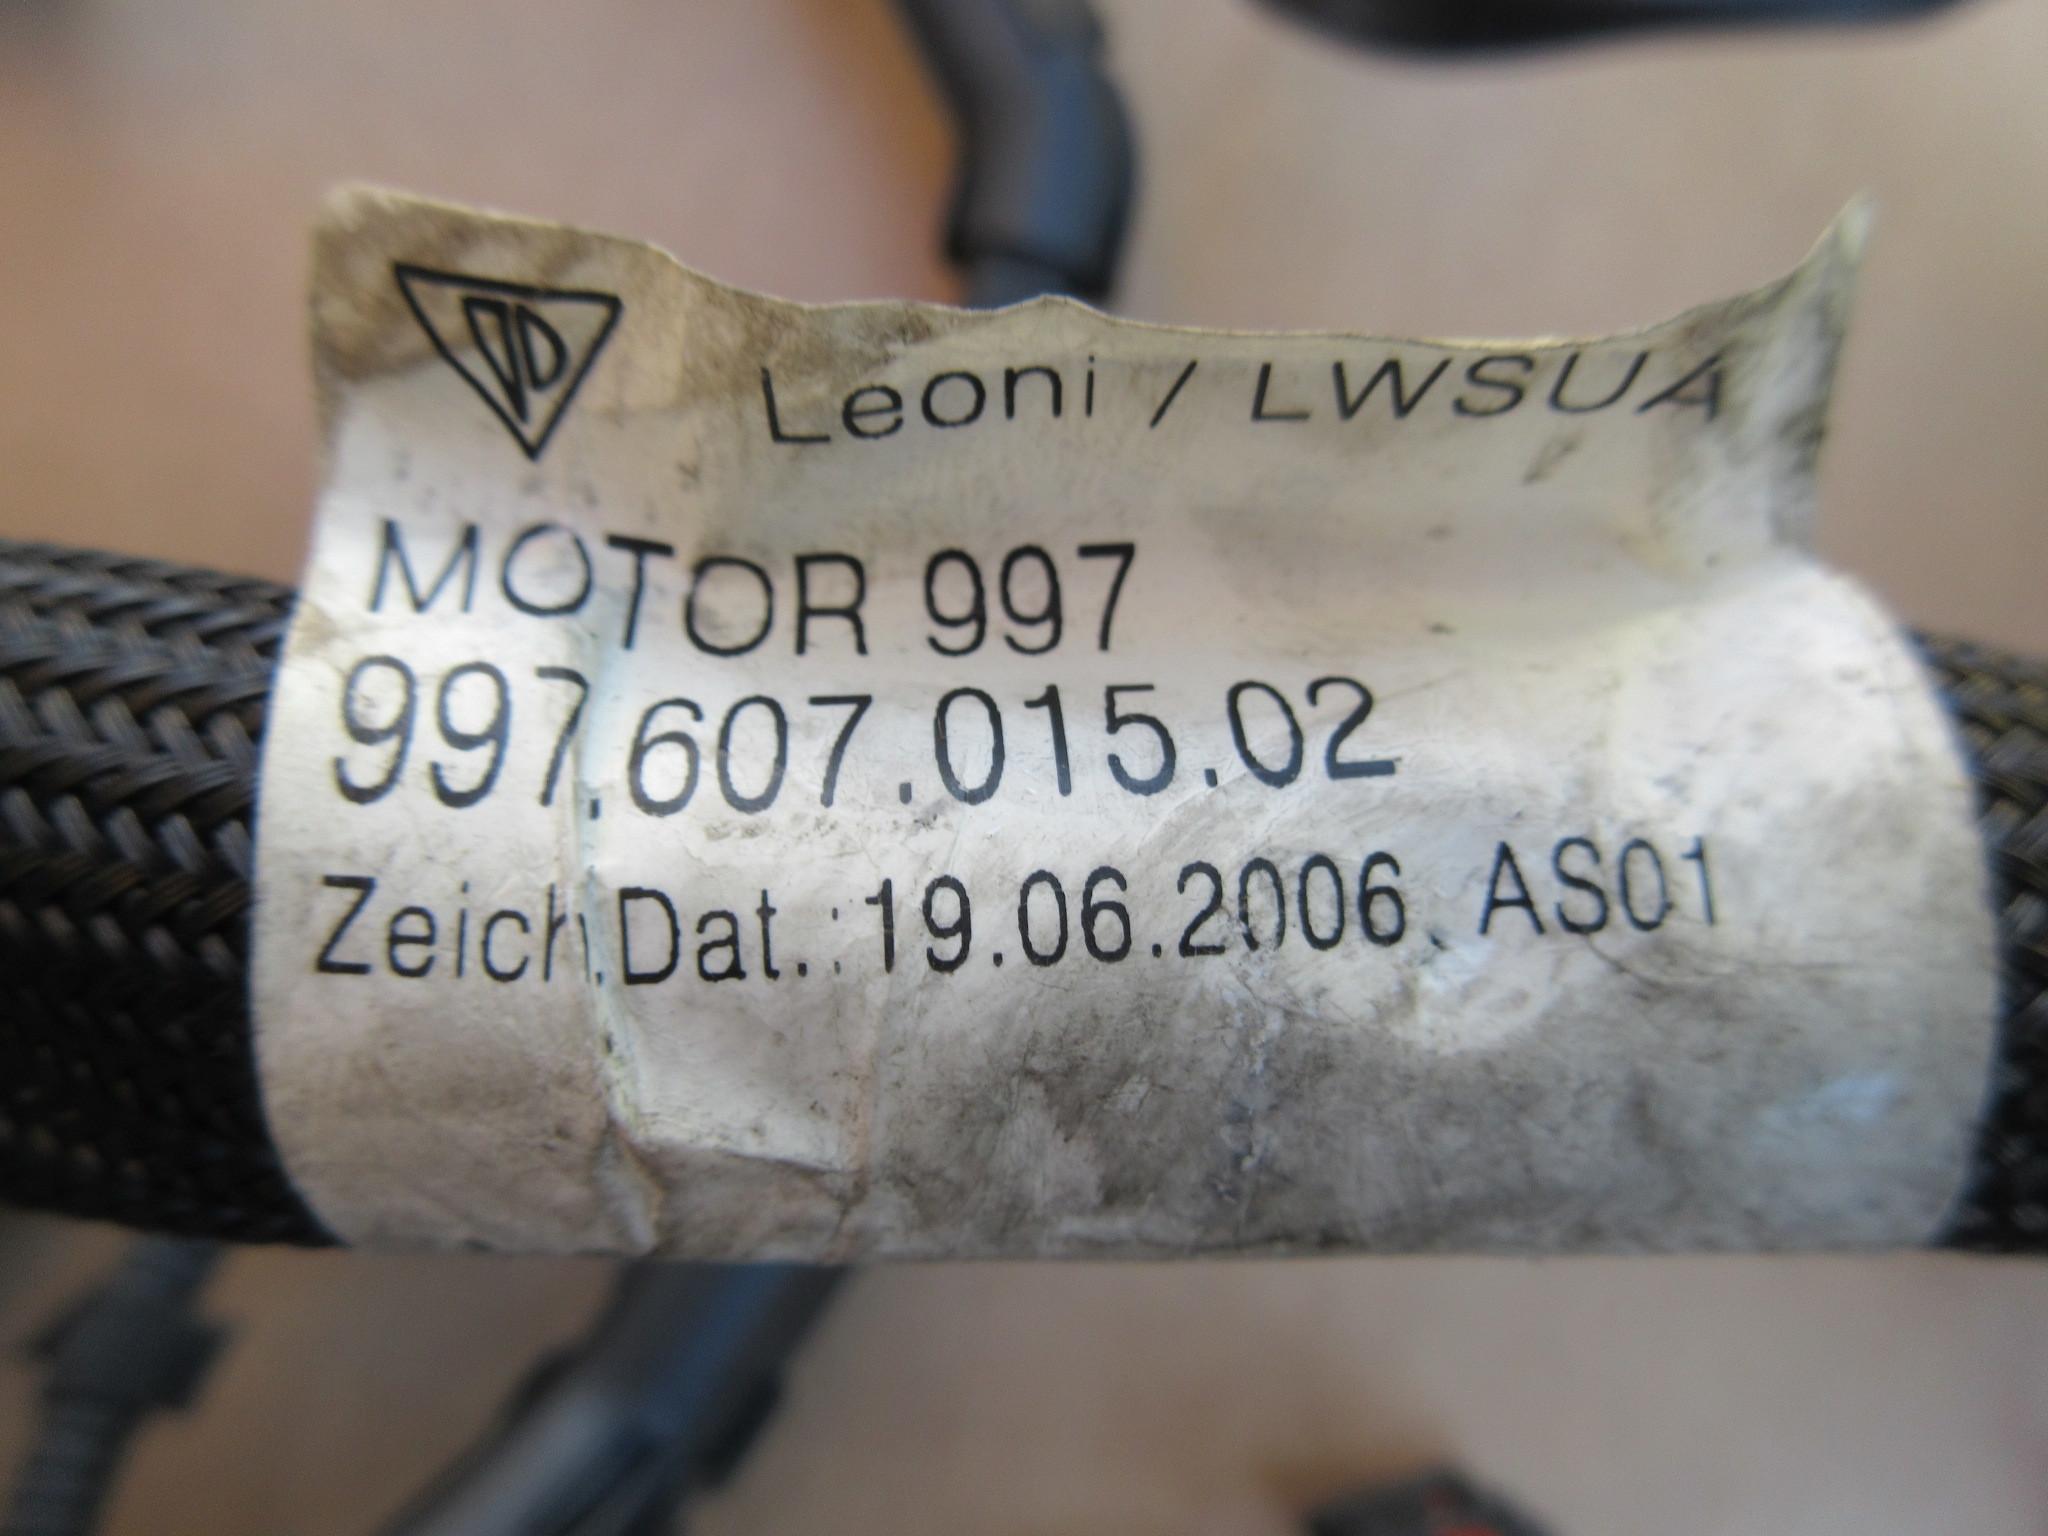 07 Porsche 911 Turbo 997 1031 997tt 36l Engine Wire Wiring Harness 99760701502